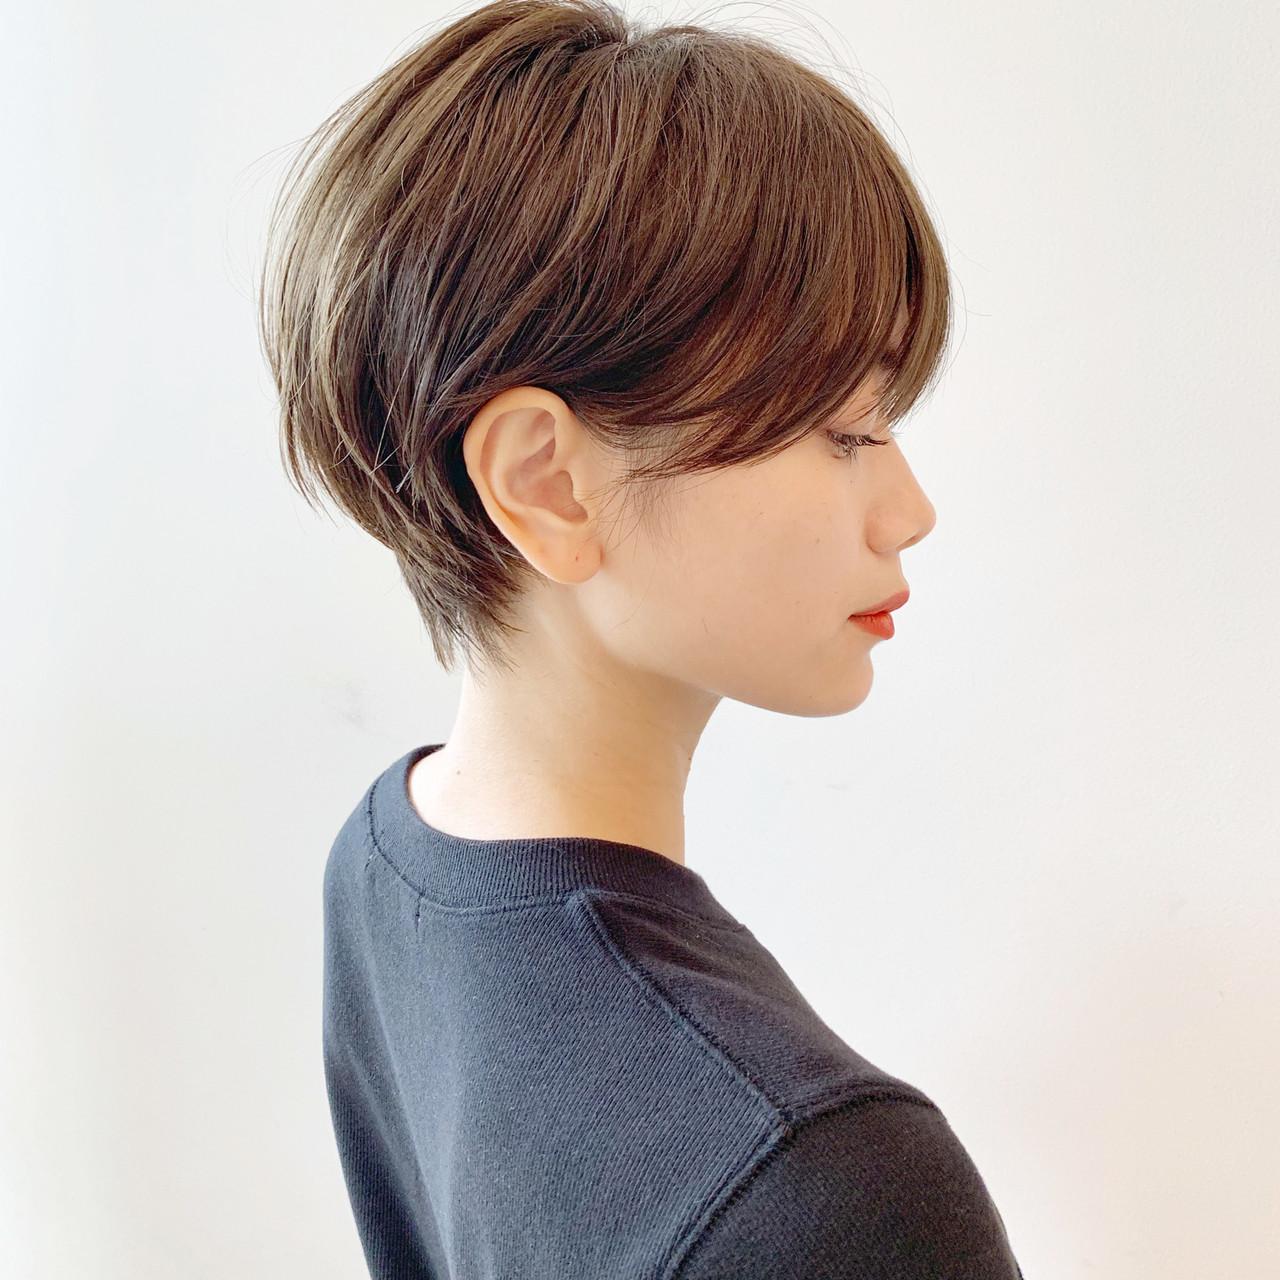 スポーツ パーマ デート アウトドア ヘアスタイルや髪型の写真・画像 | ショートヘア美容師 #ナカイヒロキ / 『send by HAIR』